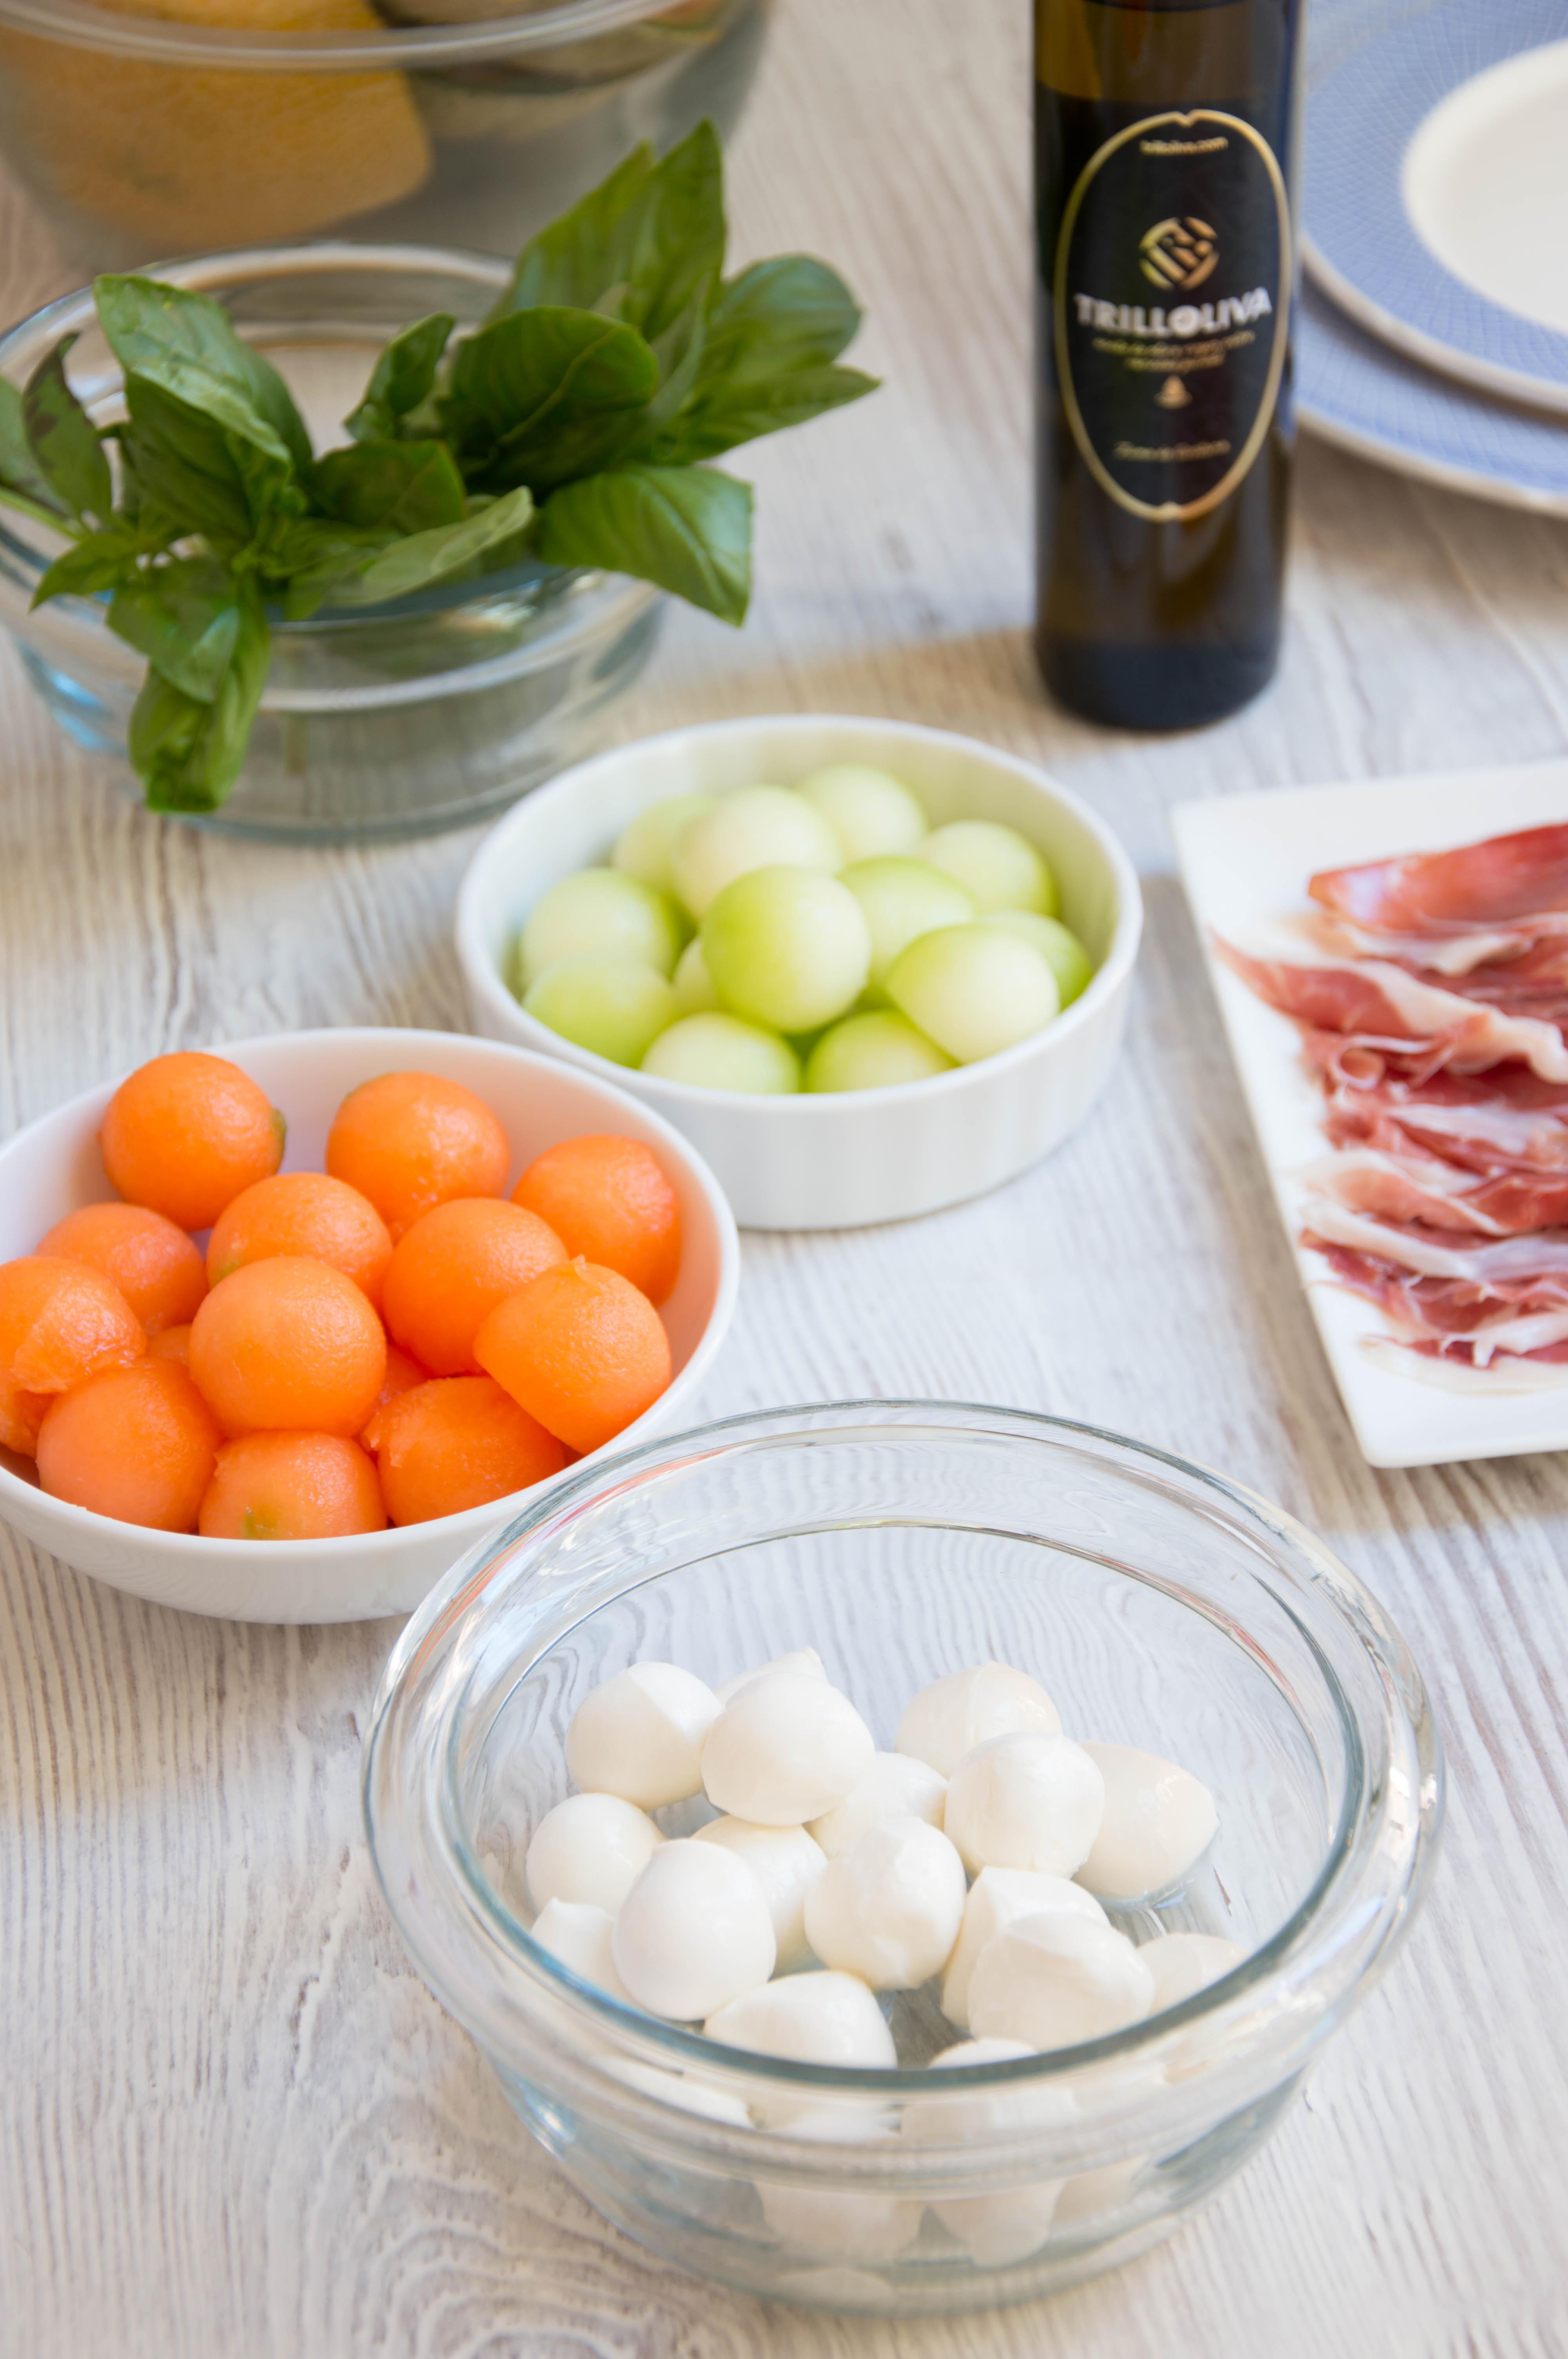 Brocheta de melón con jamón y mozzarella - Trilloliva